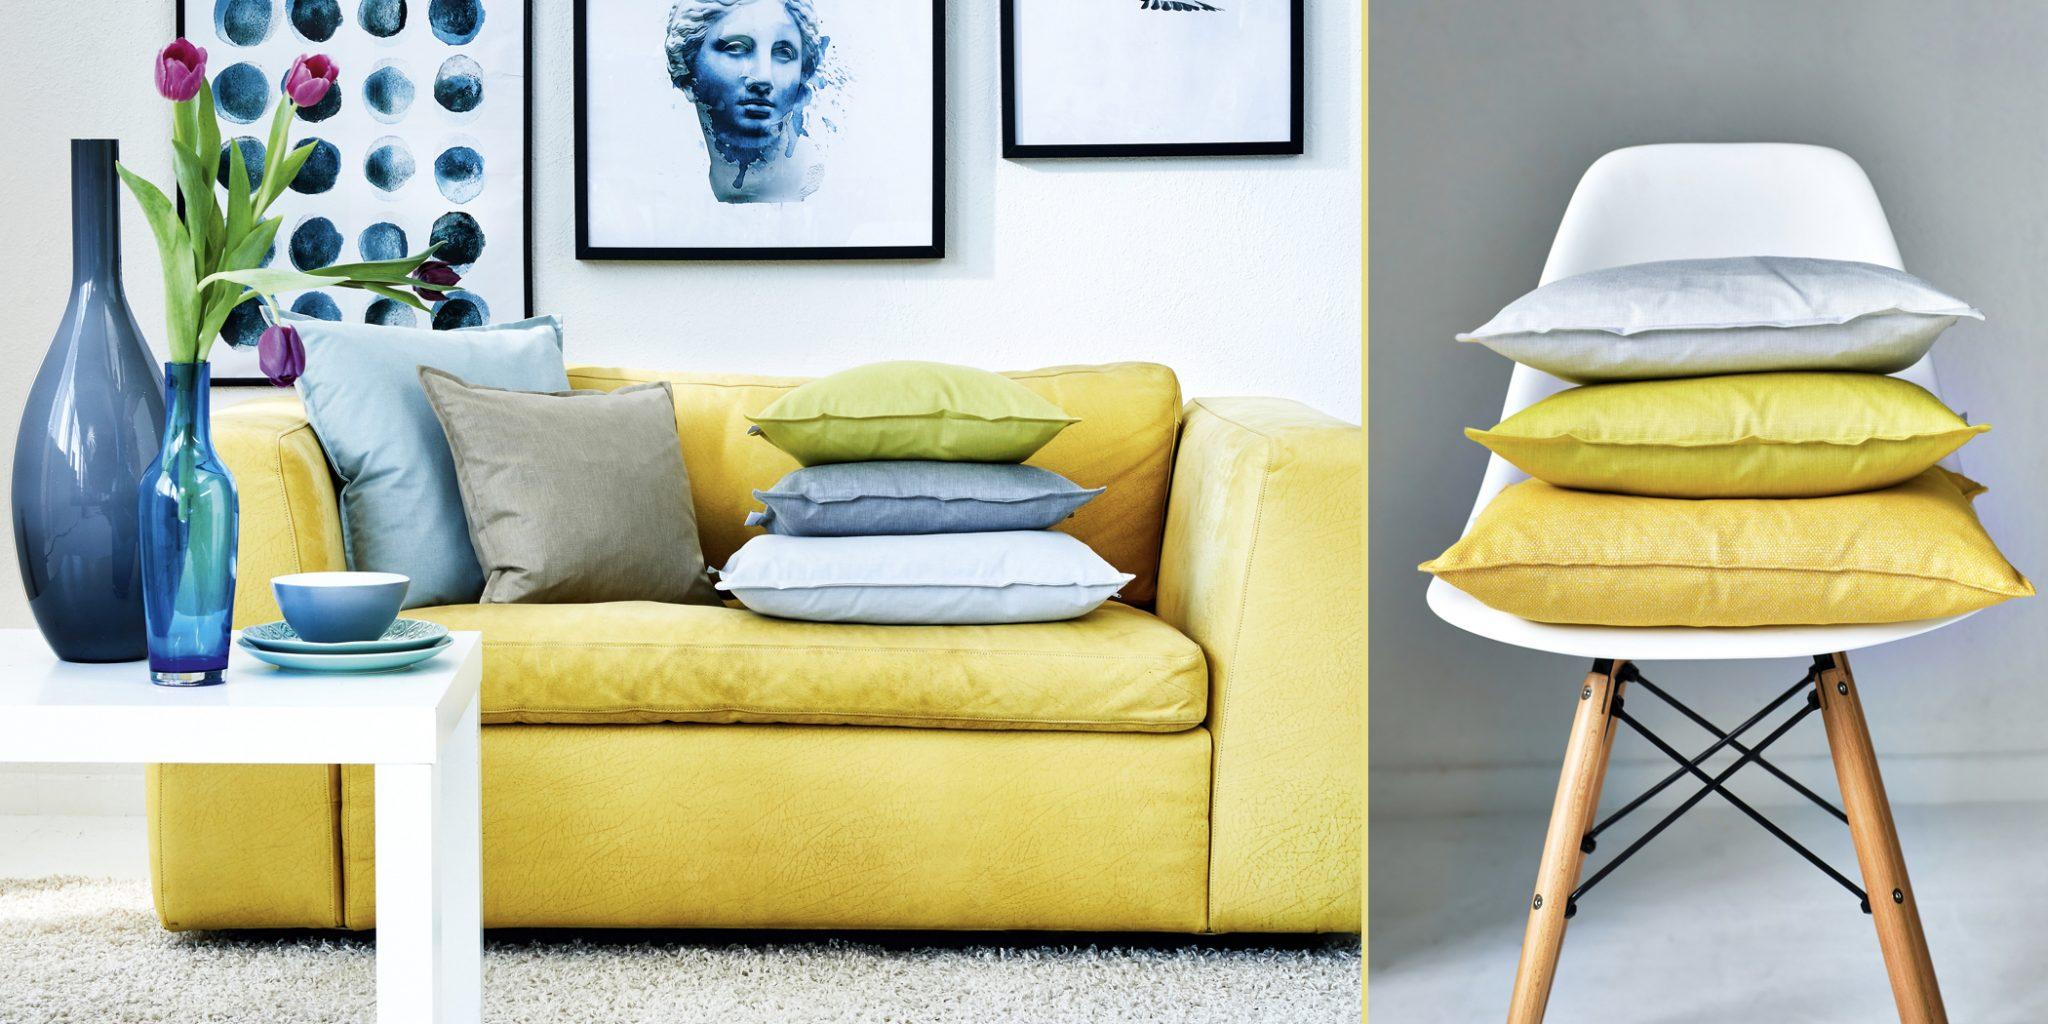 Kissen im Loft Style - Unis & geometrische Muster